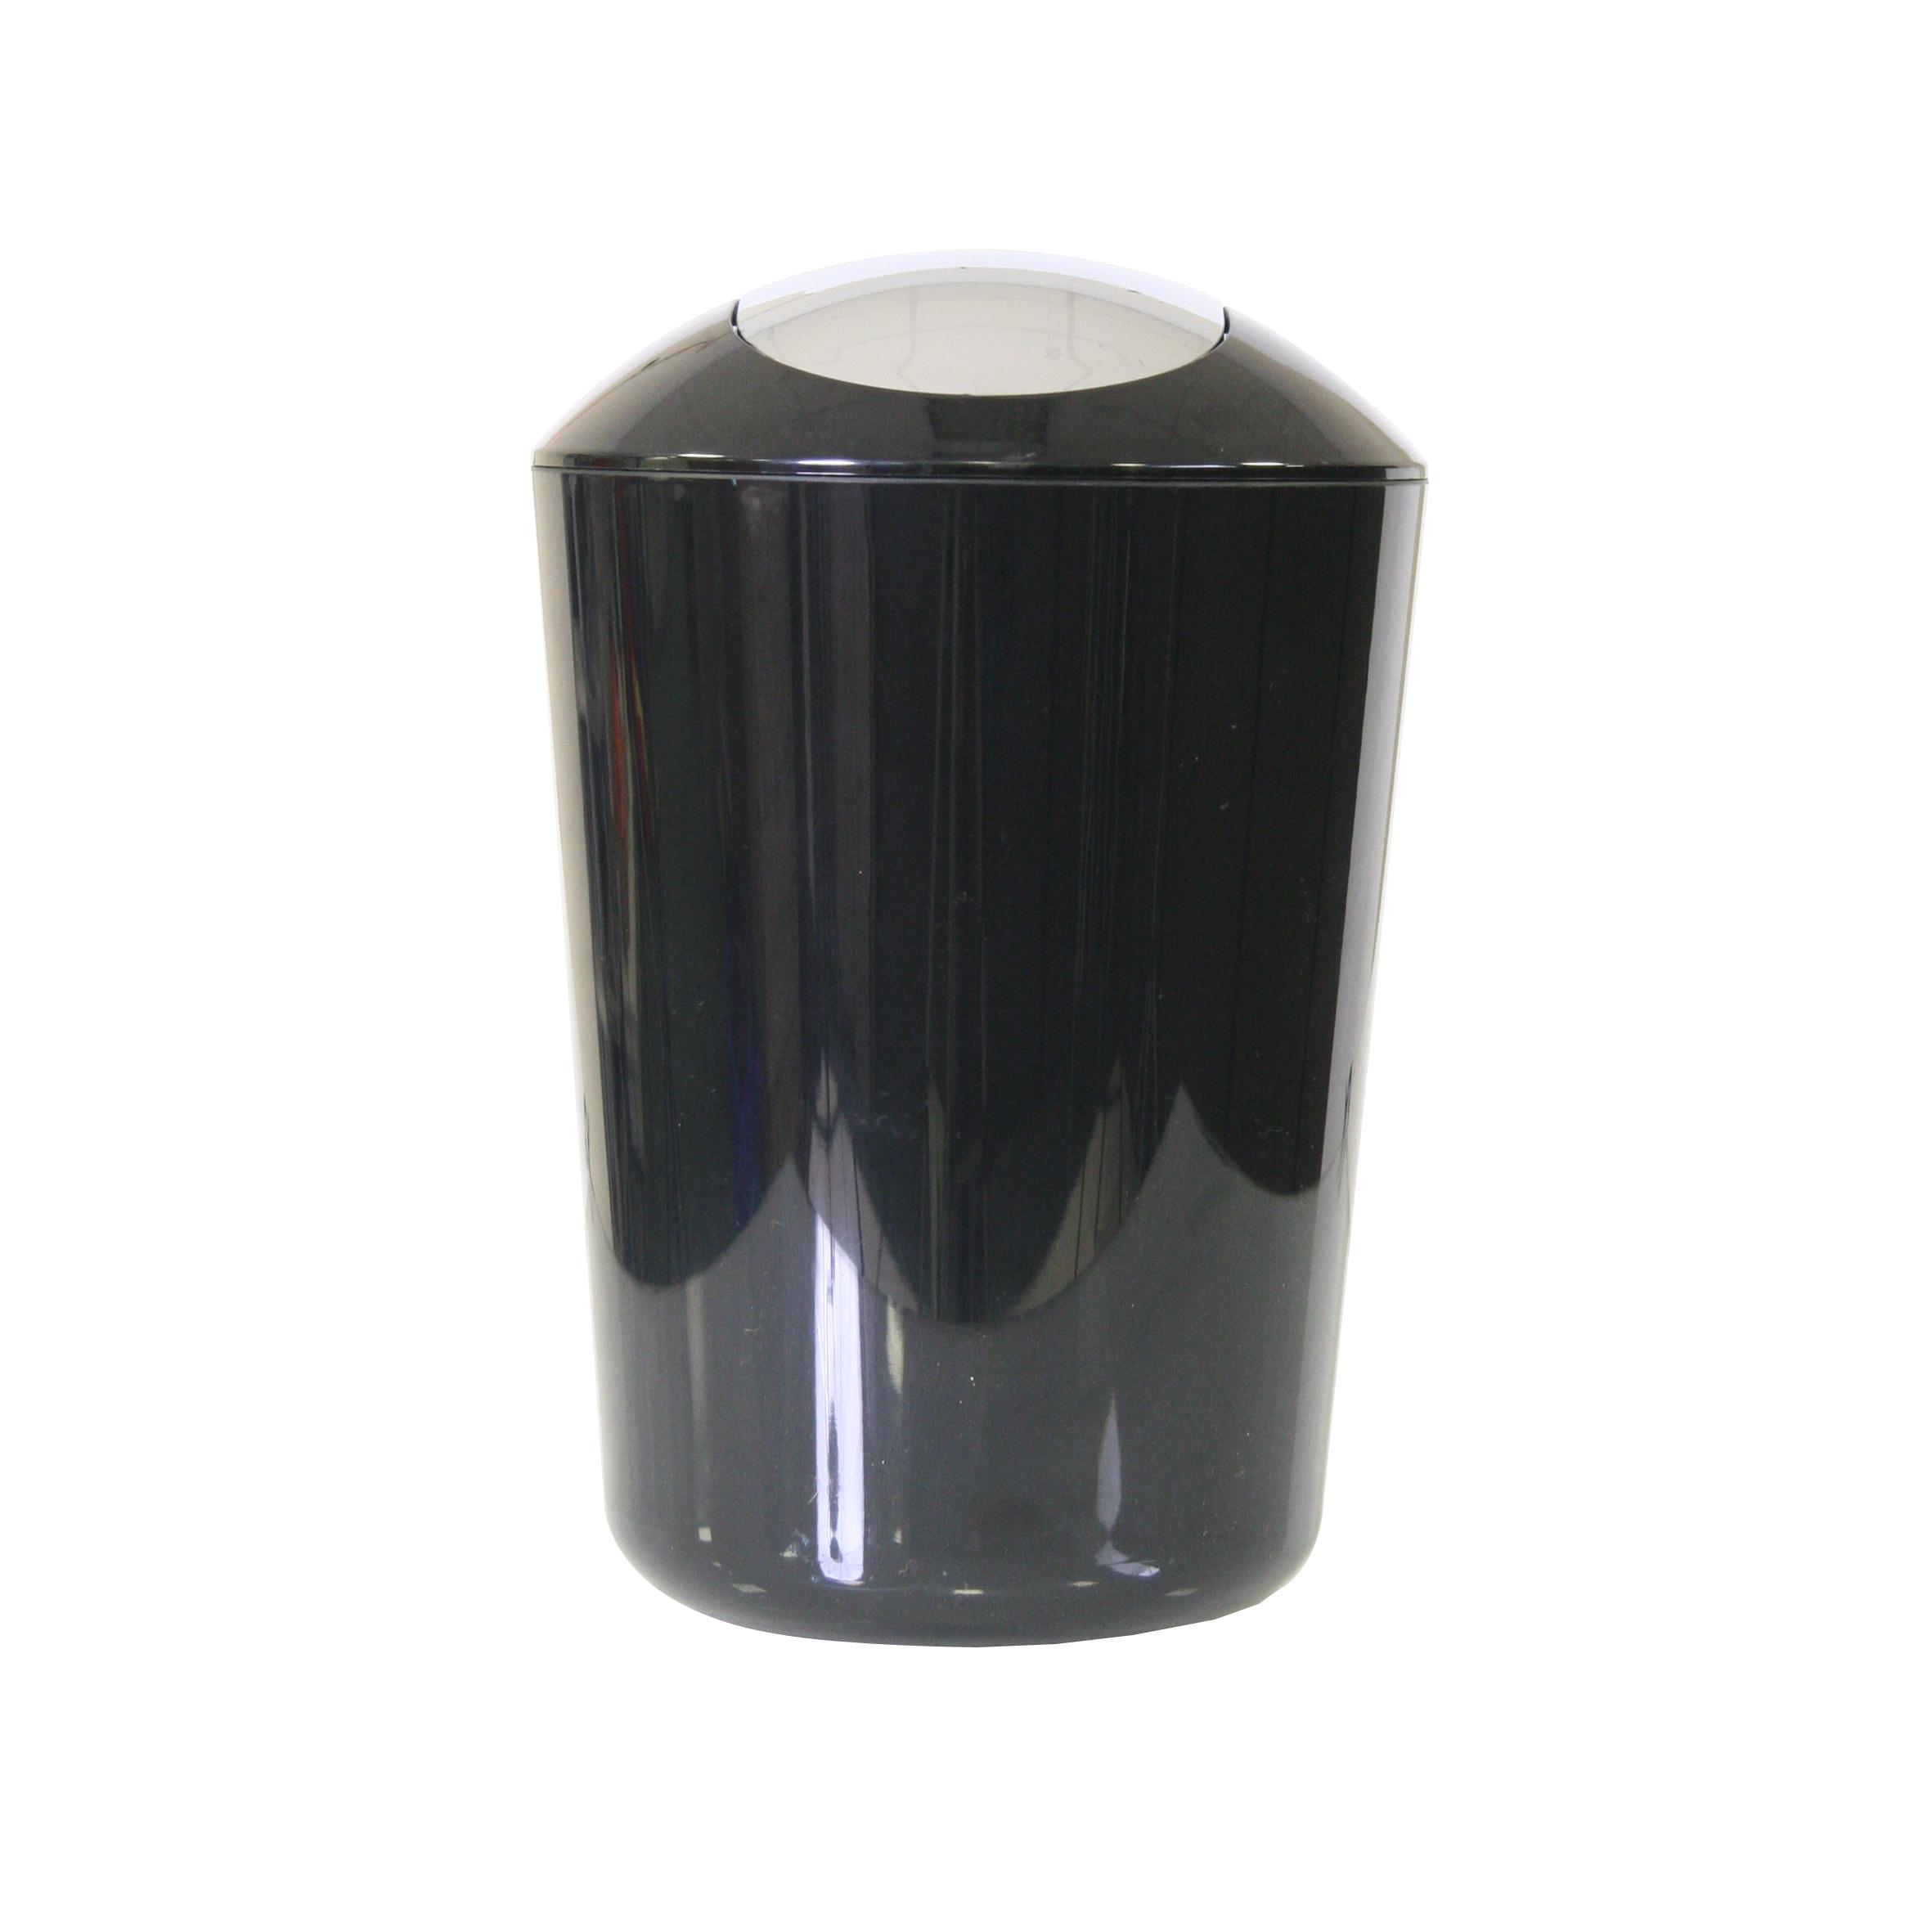 Ведро для мусора Axentia, с крышкой, цвет: черный, хром, 5 л251081Глянцевое ведро для мусора Axentia, выполненное из высококачественного износостойкого пластика, оснащено хромированную крышку типа качели. Подходит для использования в ванной комнате или на кухне. Стильный дизайн и яркая расцветка прекрасно подойдет для любого интерьера ванной комнаты или кухни. Размер ведра: 20 х 20 х 30 см.Объем ведра: 5 л.